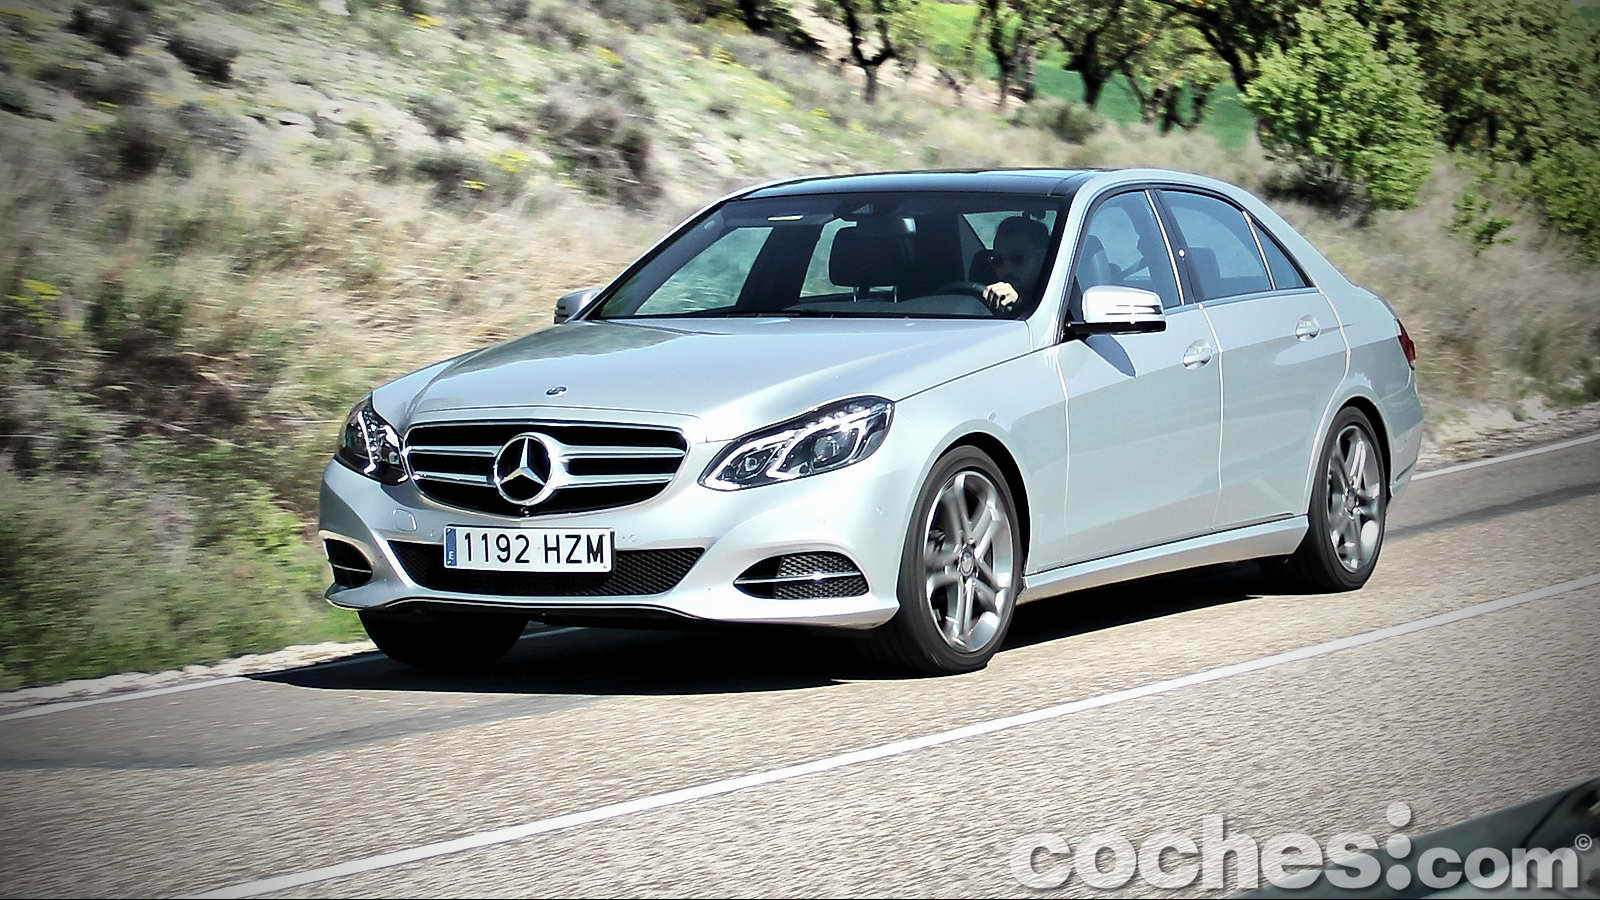 Kia carens presentaci n y prueba contacto noticias for Mercedes benz 300s